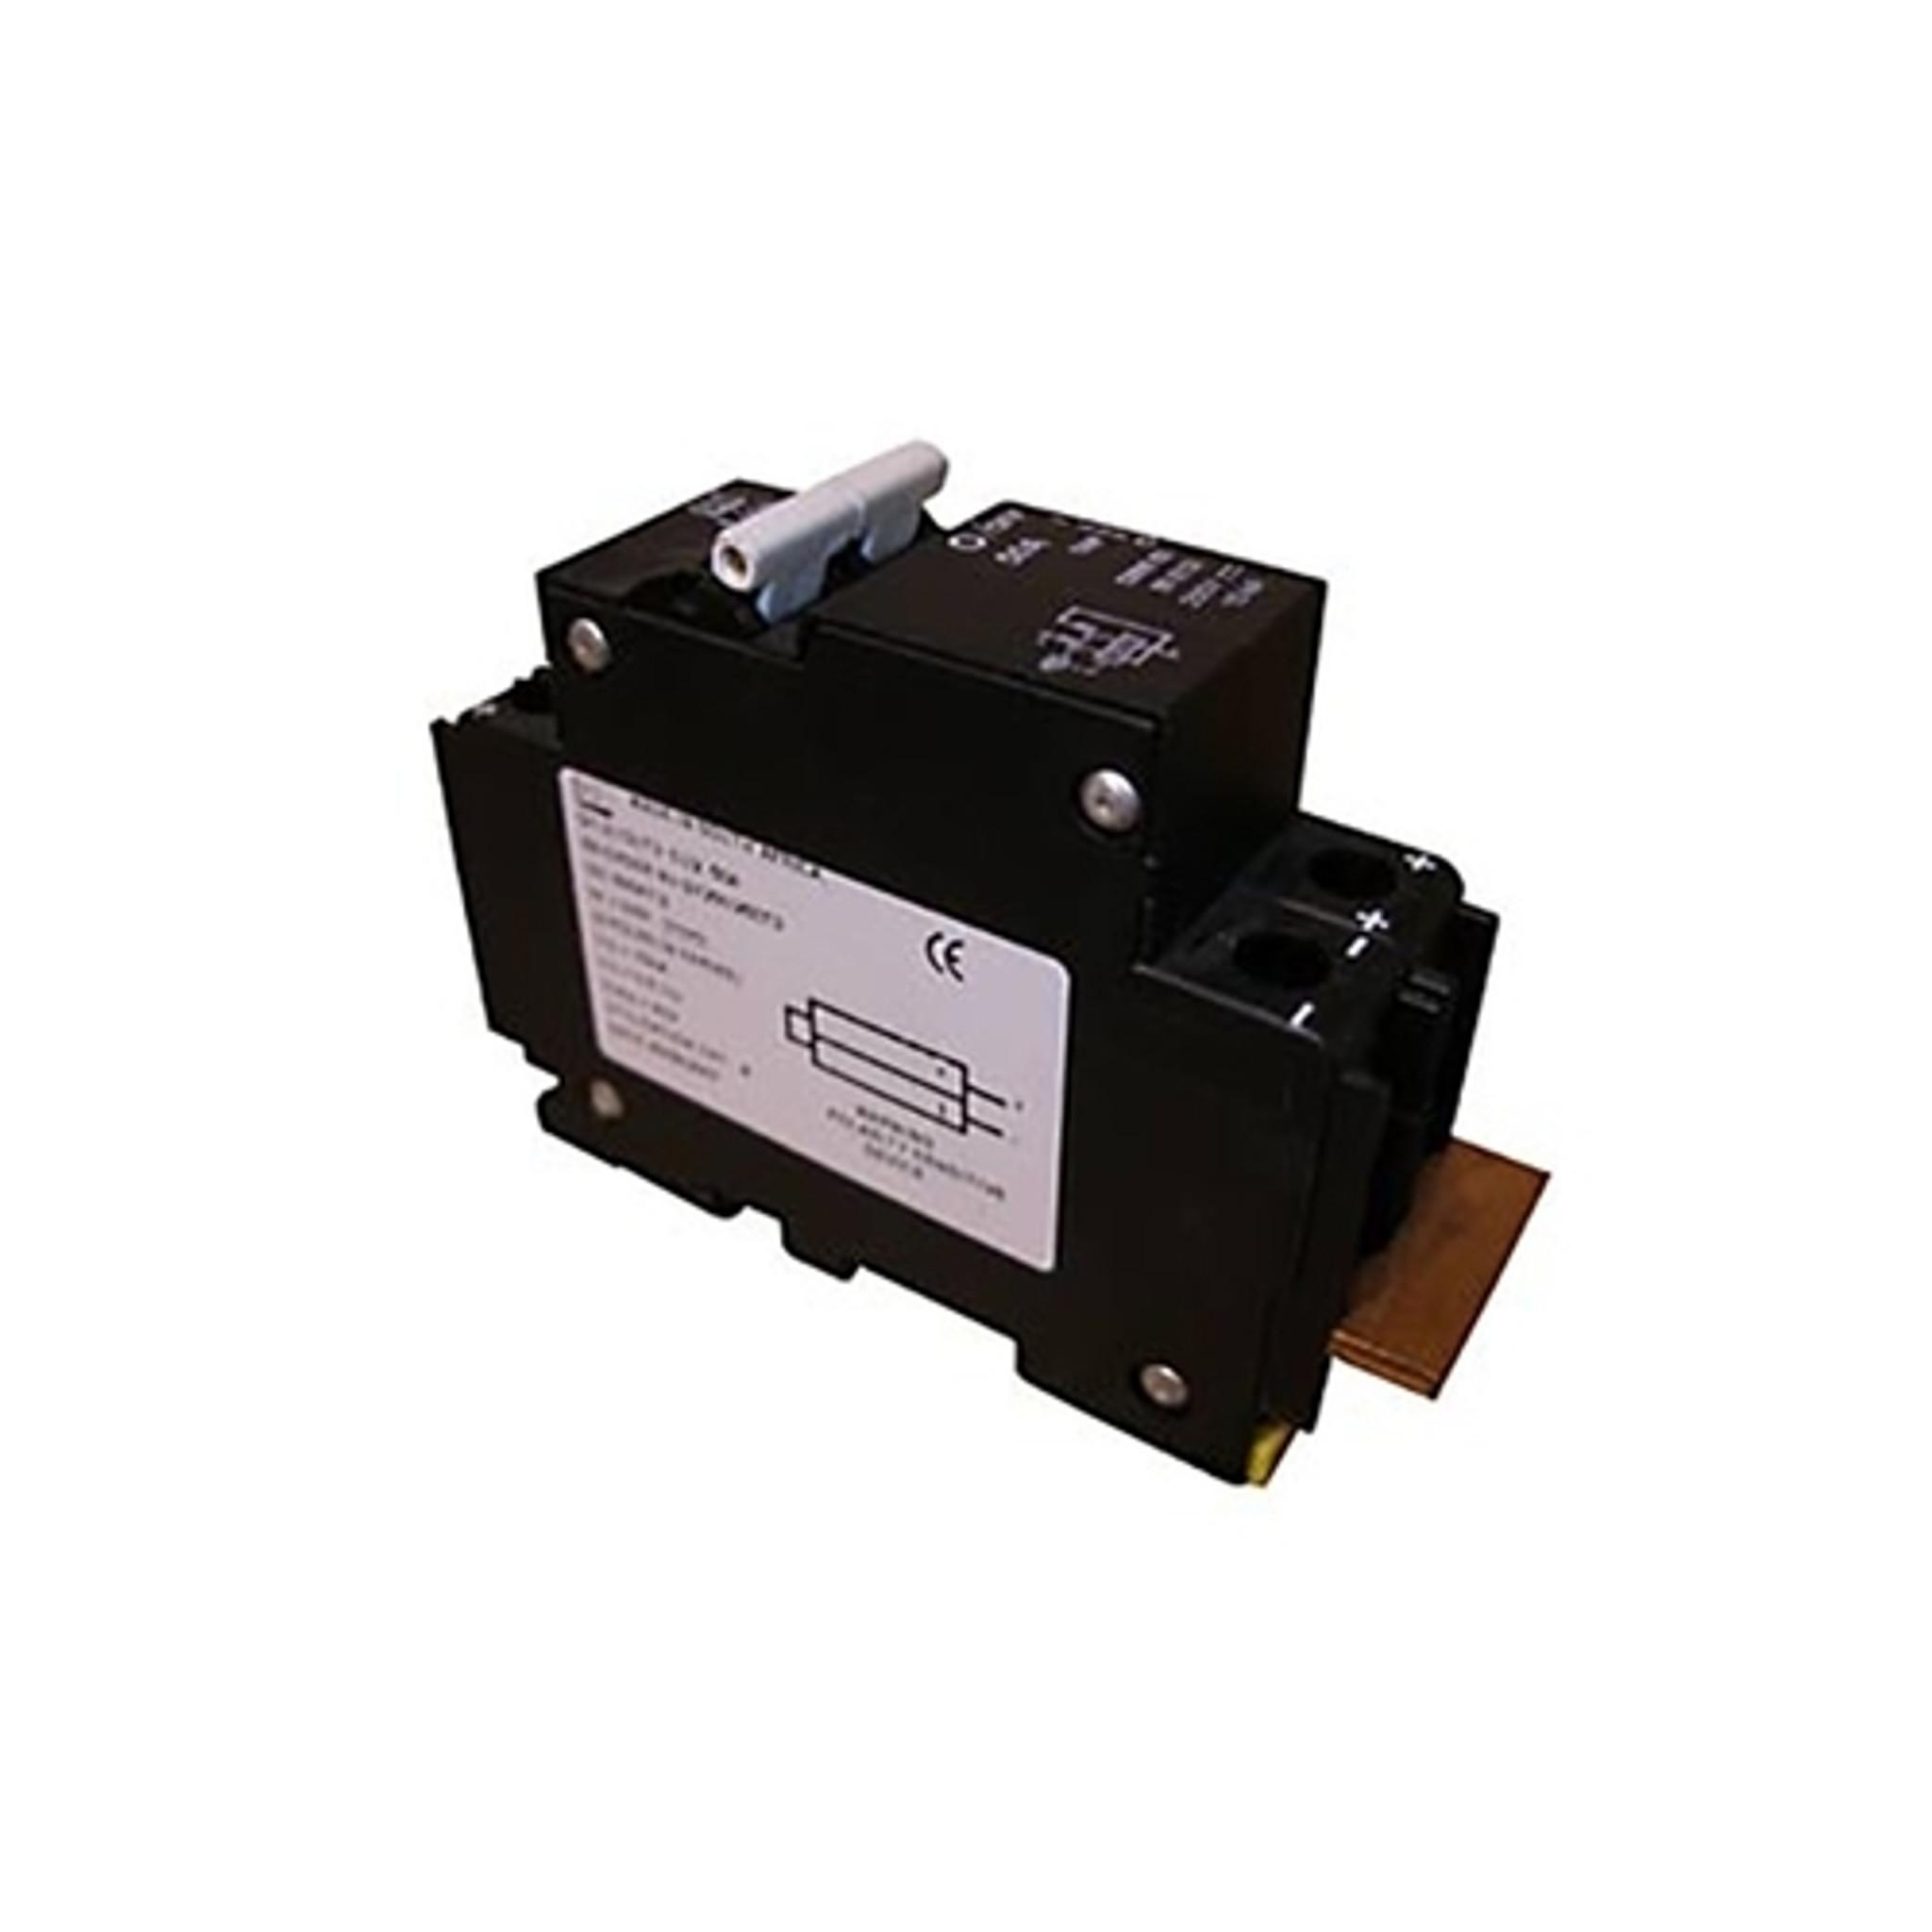 hight resolution of  midnite solar 15a 150 circuit breaker